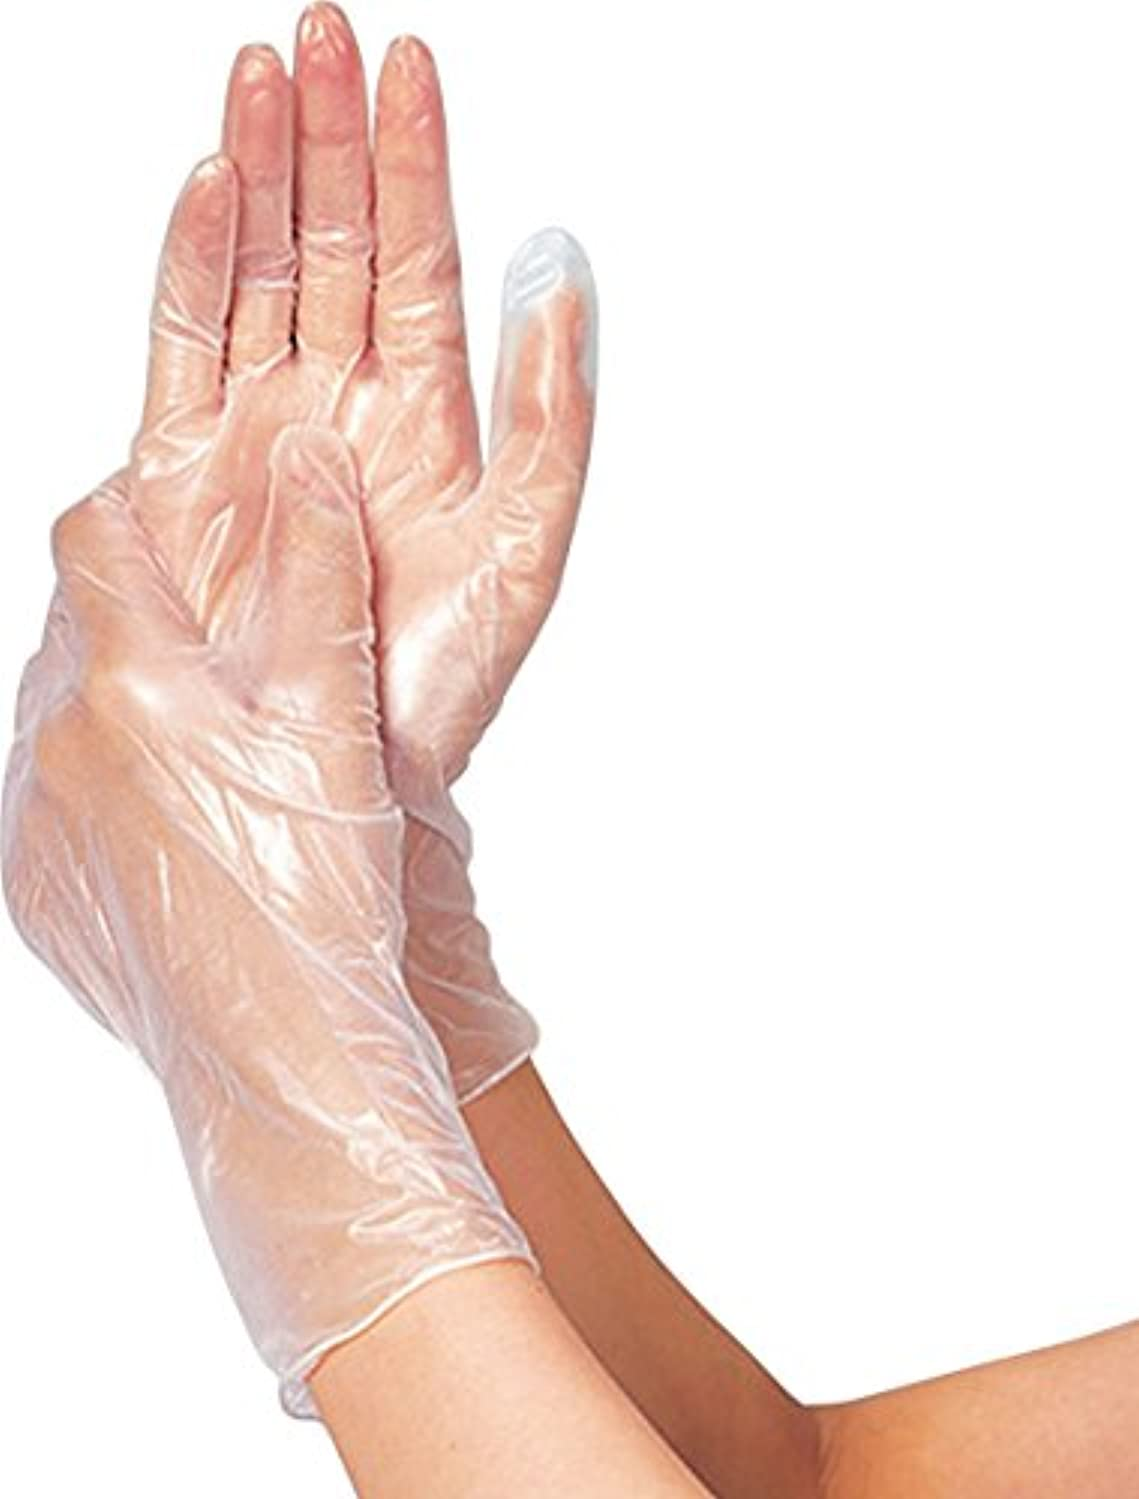 クルーズ病マーキングタケトラプラスチック手袋200パウダーフリーL200枚 075884 竹虎メディカル